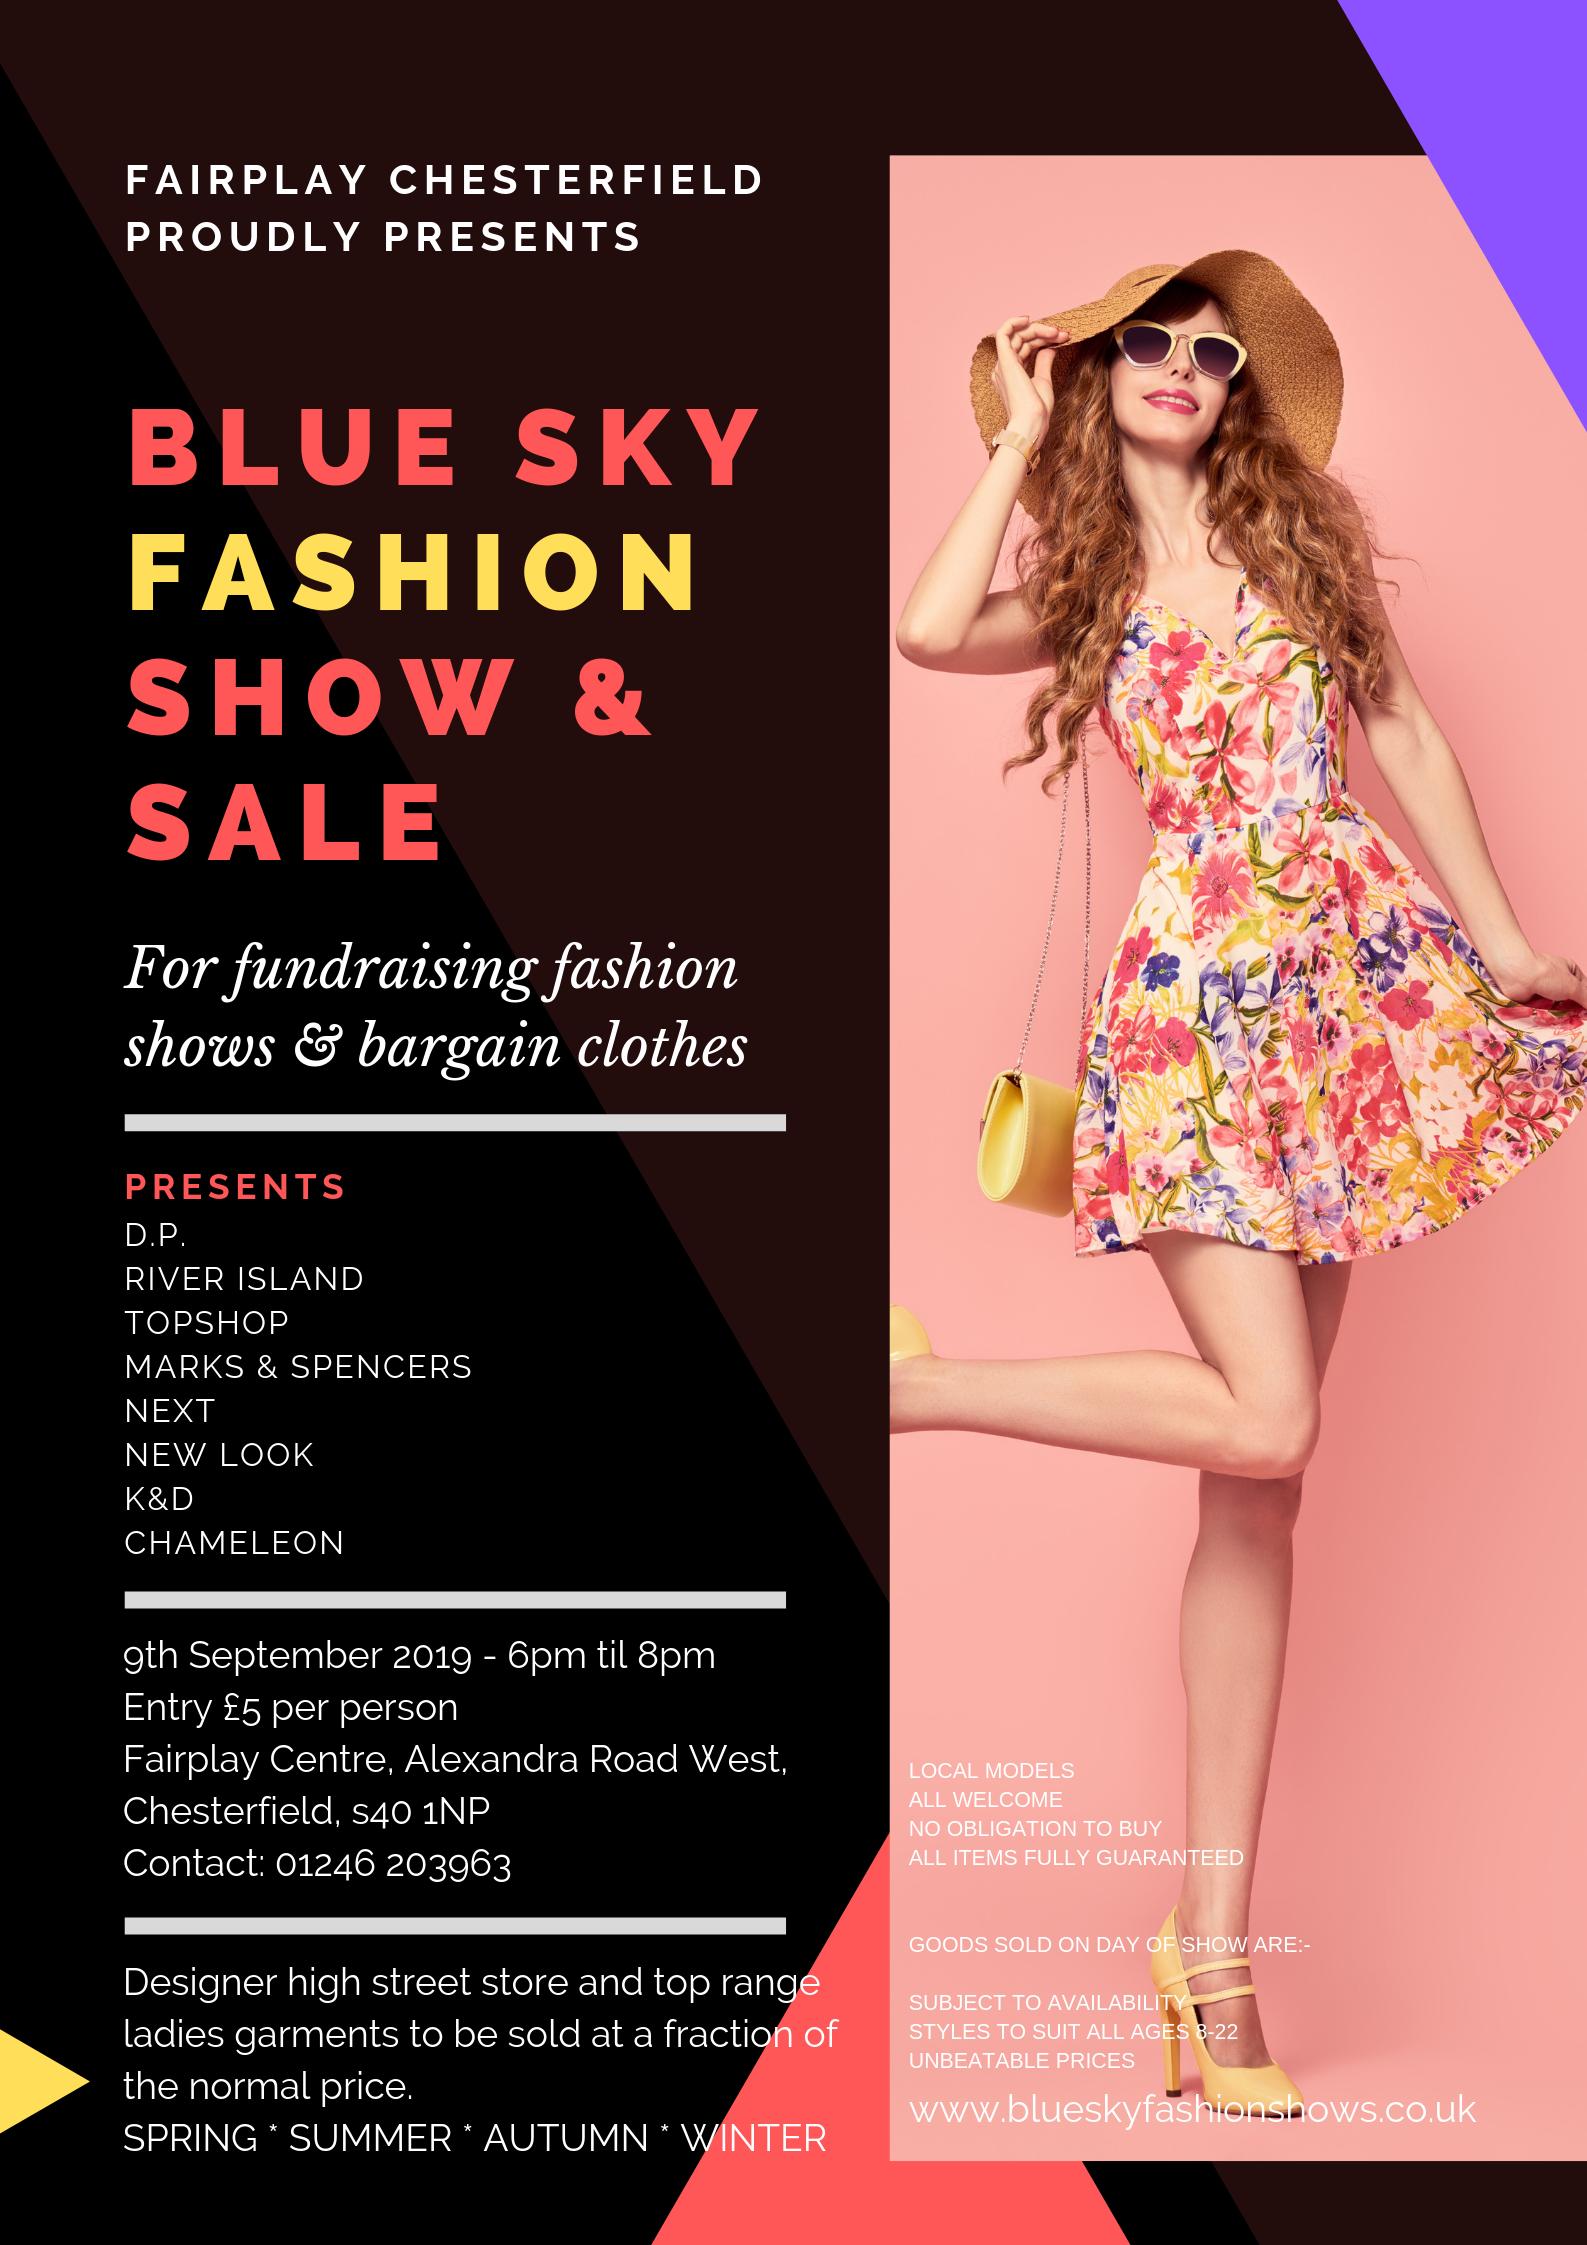 Blue Sky Fashion Show – 9th September 2019